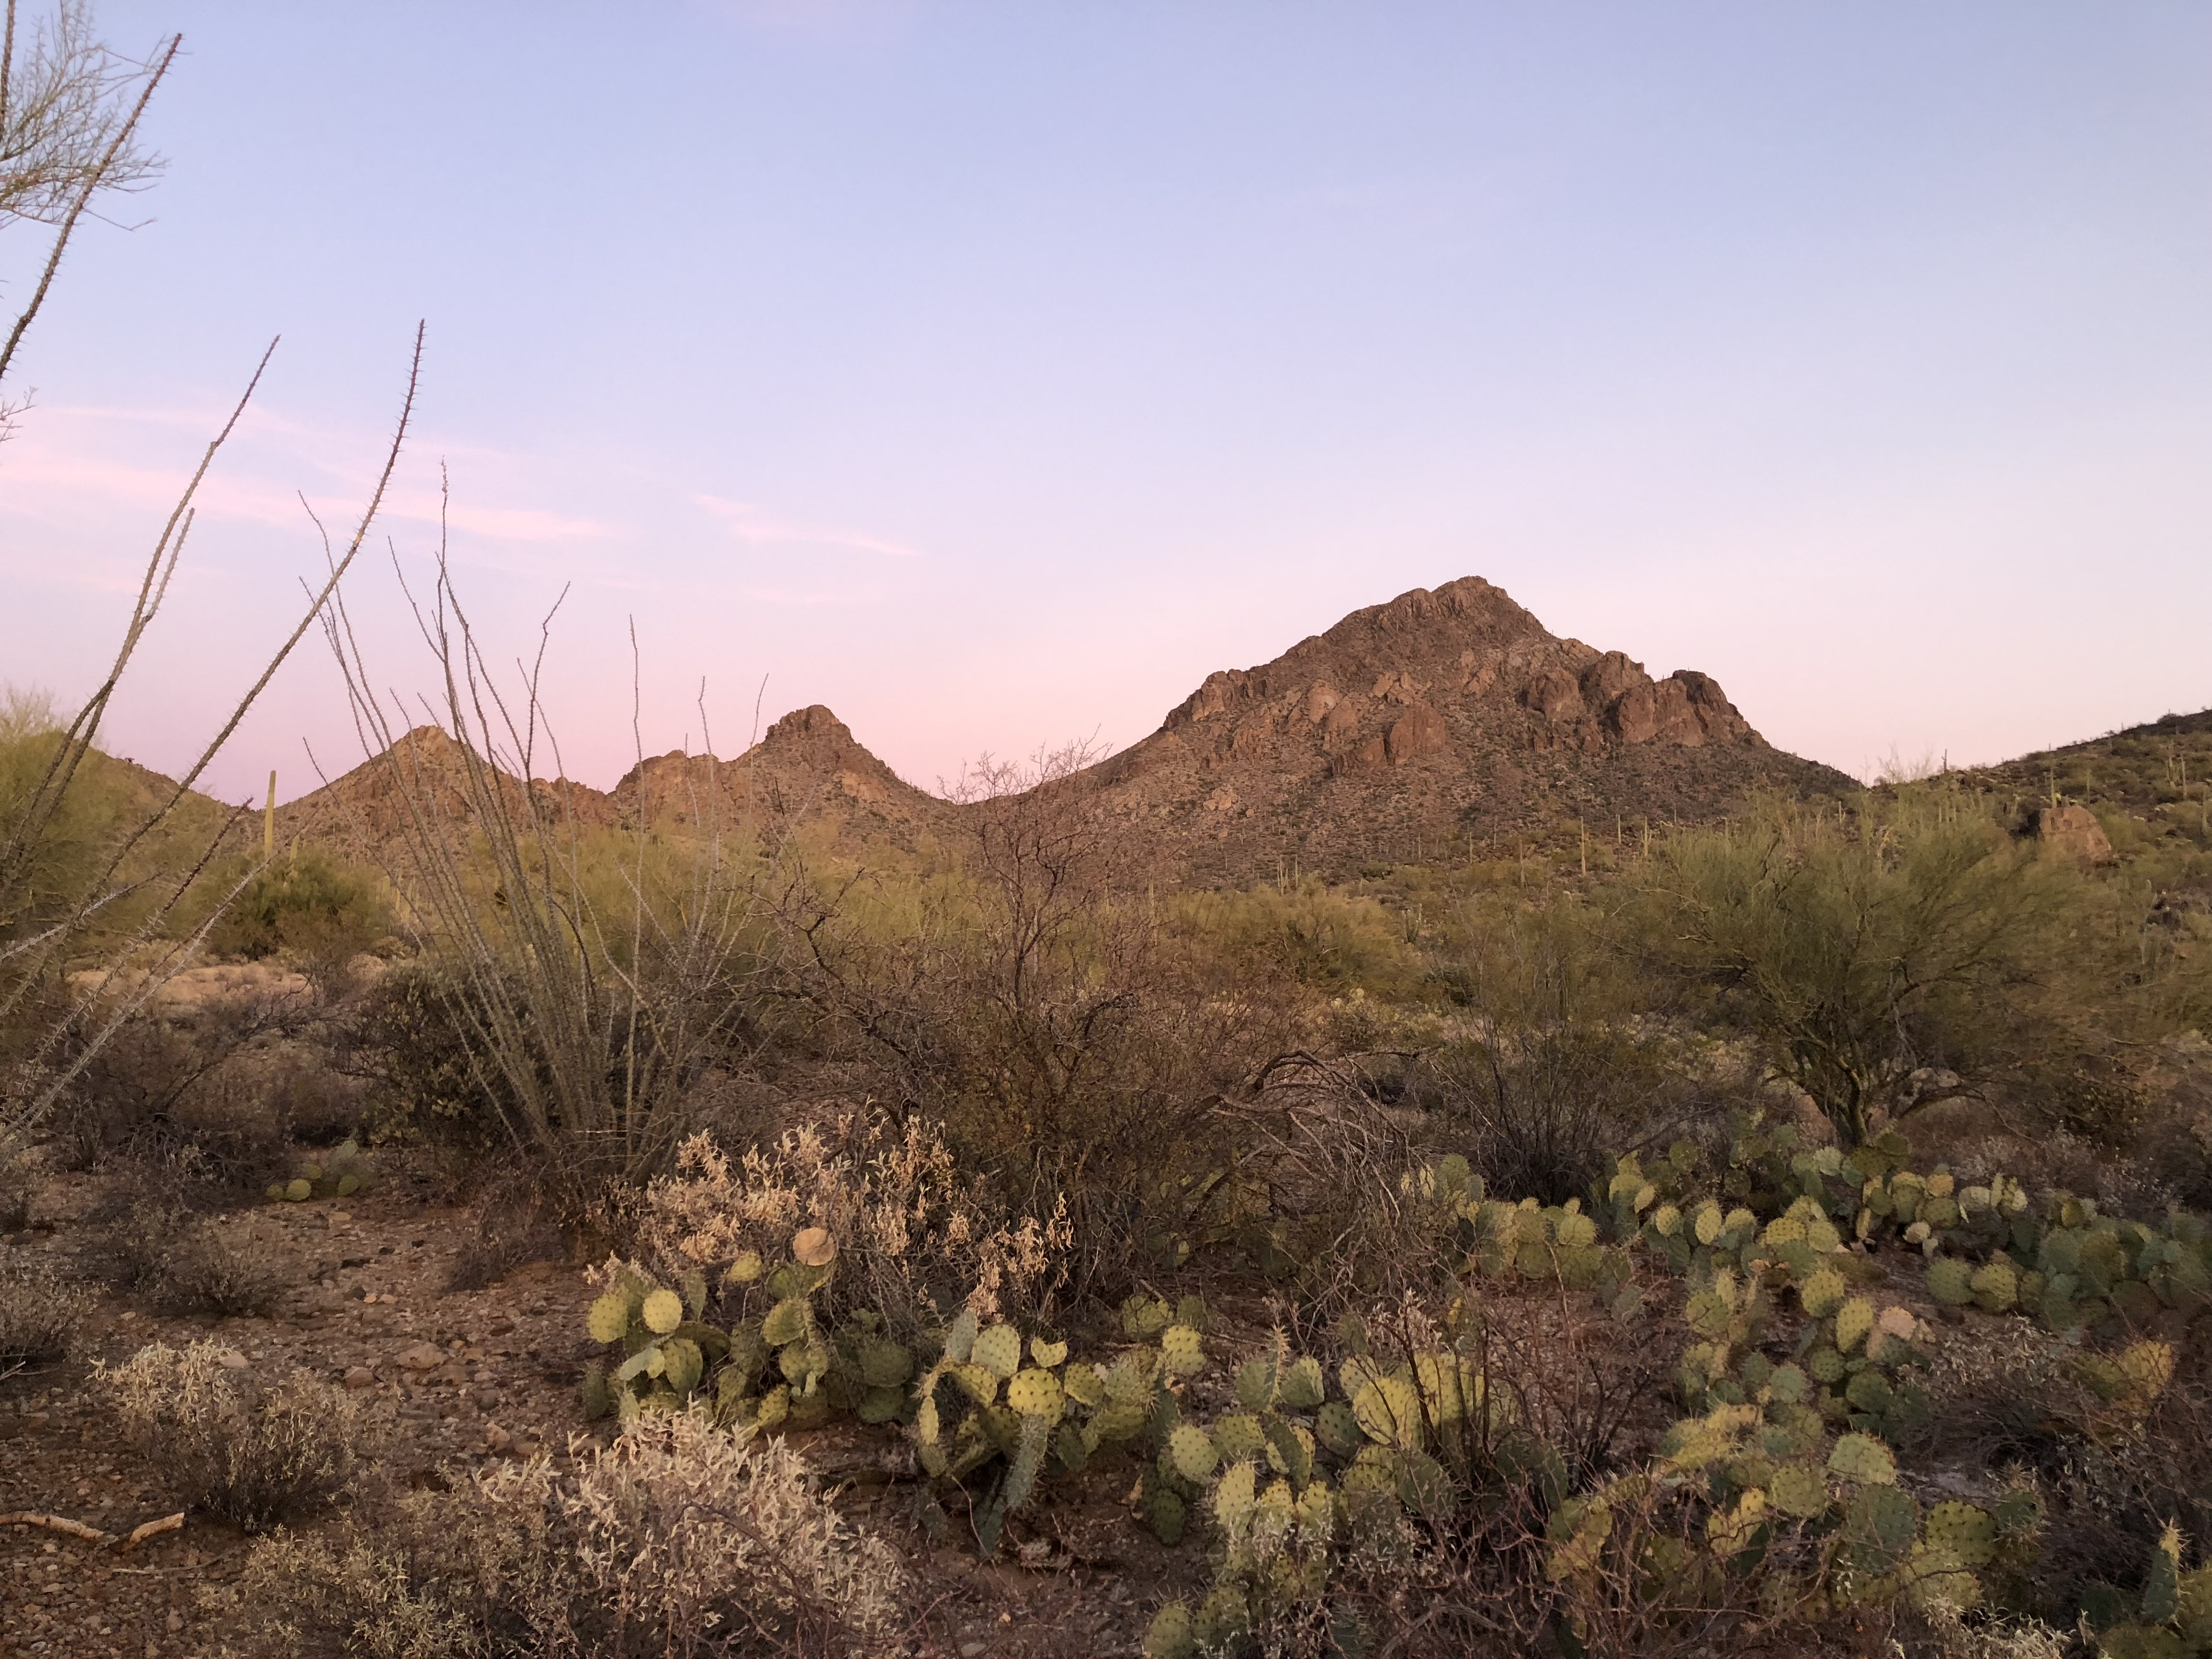 Tucson desert scene